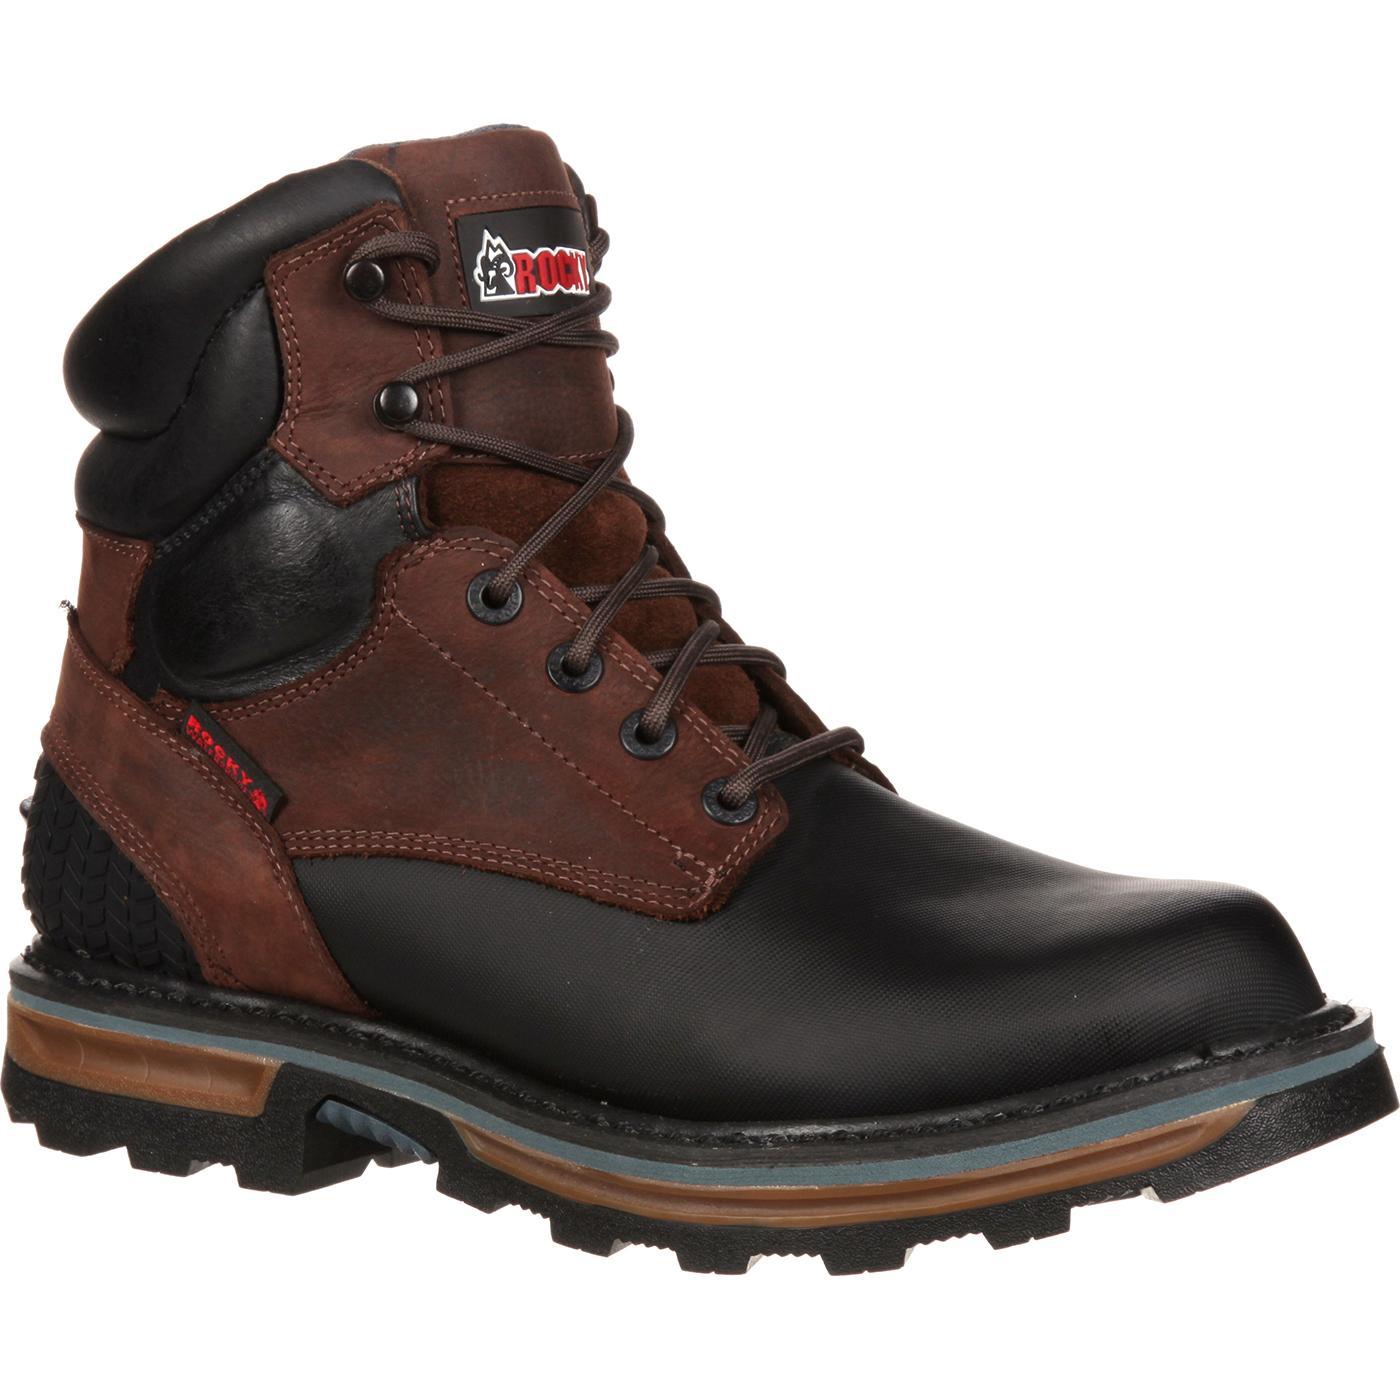 Rocky Elements Block Men's Waterproof Work Boot, #RKYK089